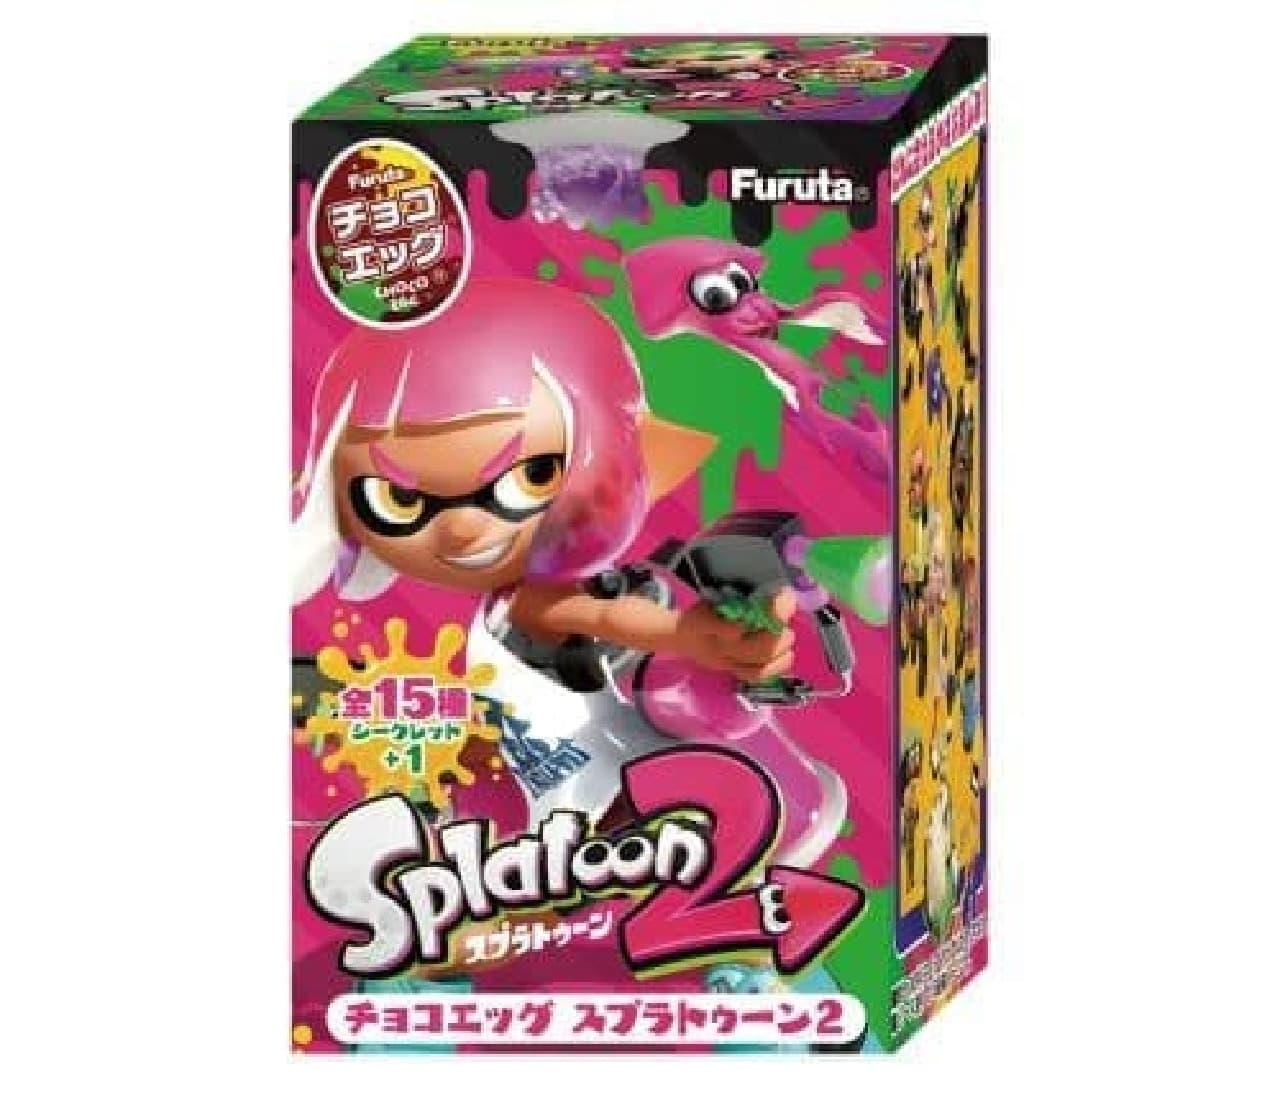 「チョコエッグ(スプラトゥーン2)」は、人気ゲーム『スプラトゥーン2』のキャラクター達のフィギュアが入った卵型チョコ